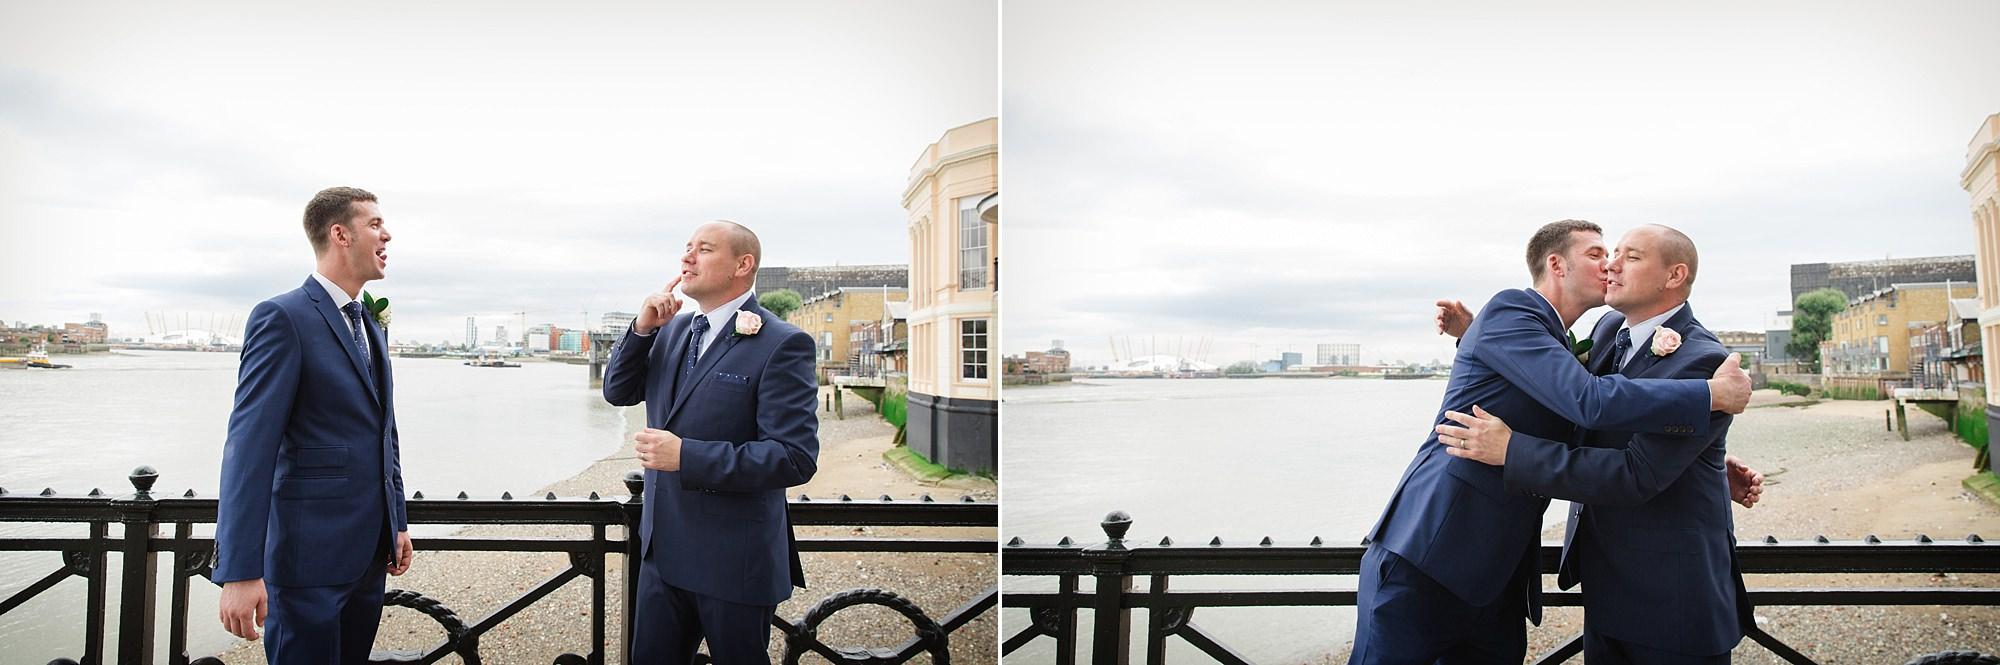 Trafalgar Tavern wedding fun groom and best man portrait